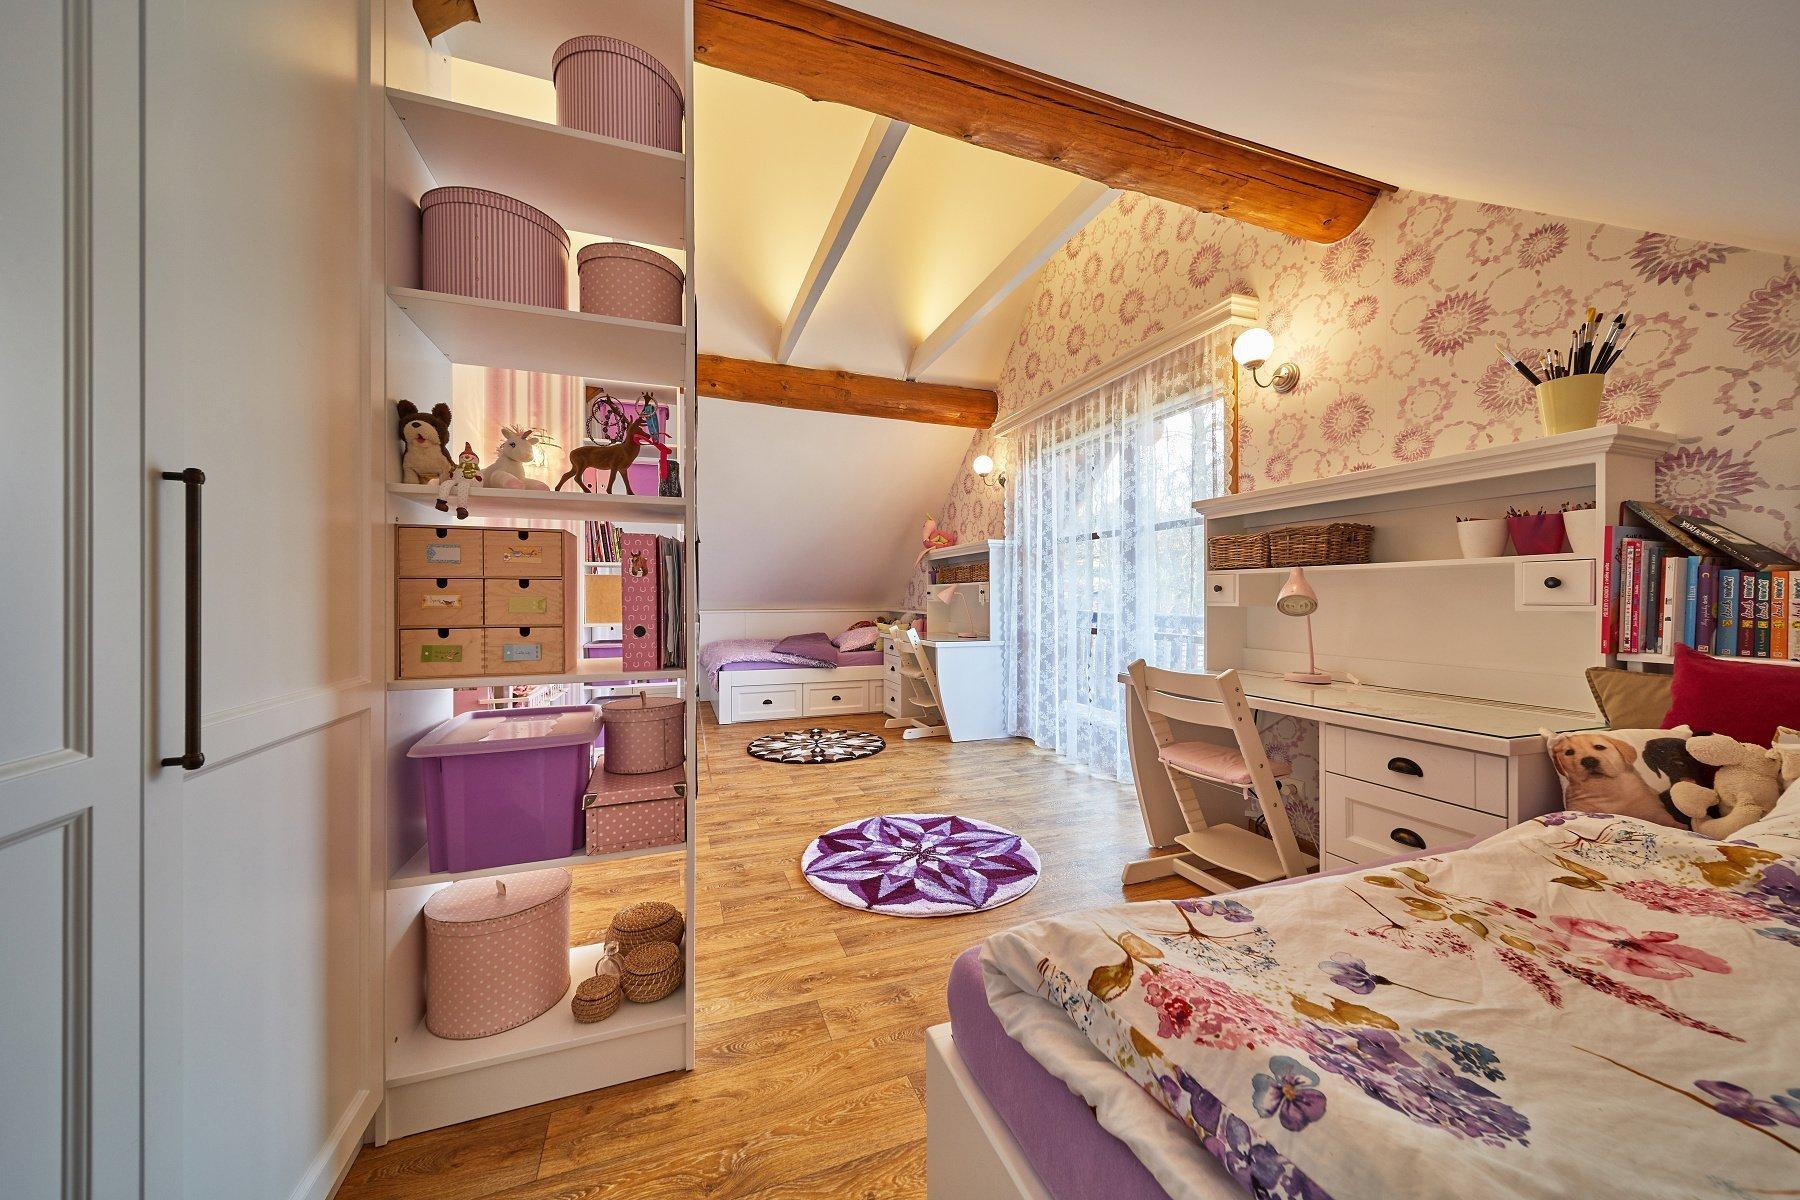 Příběh nového dětského pokoje a ložnice se začal psát před rokem, kdy mě oslovila klientka Klára ze srubu v Podrkonoší. Přála si vyměnit velkou ložnice s…